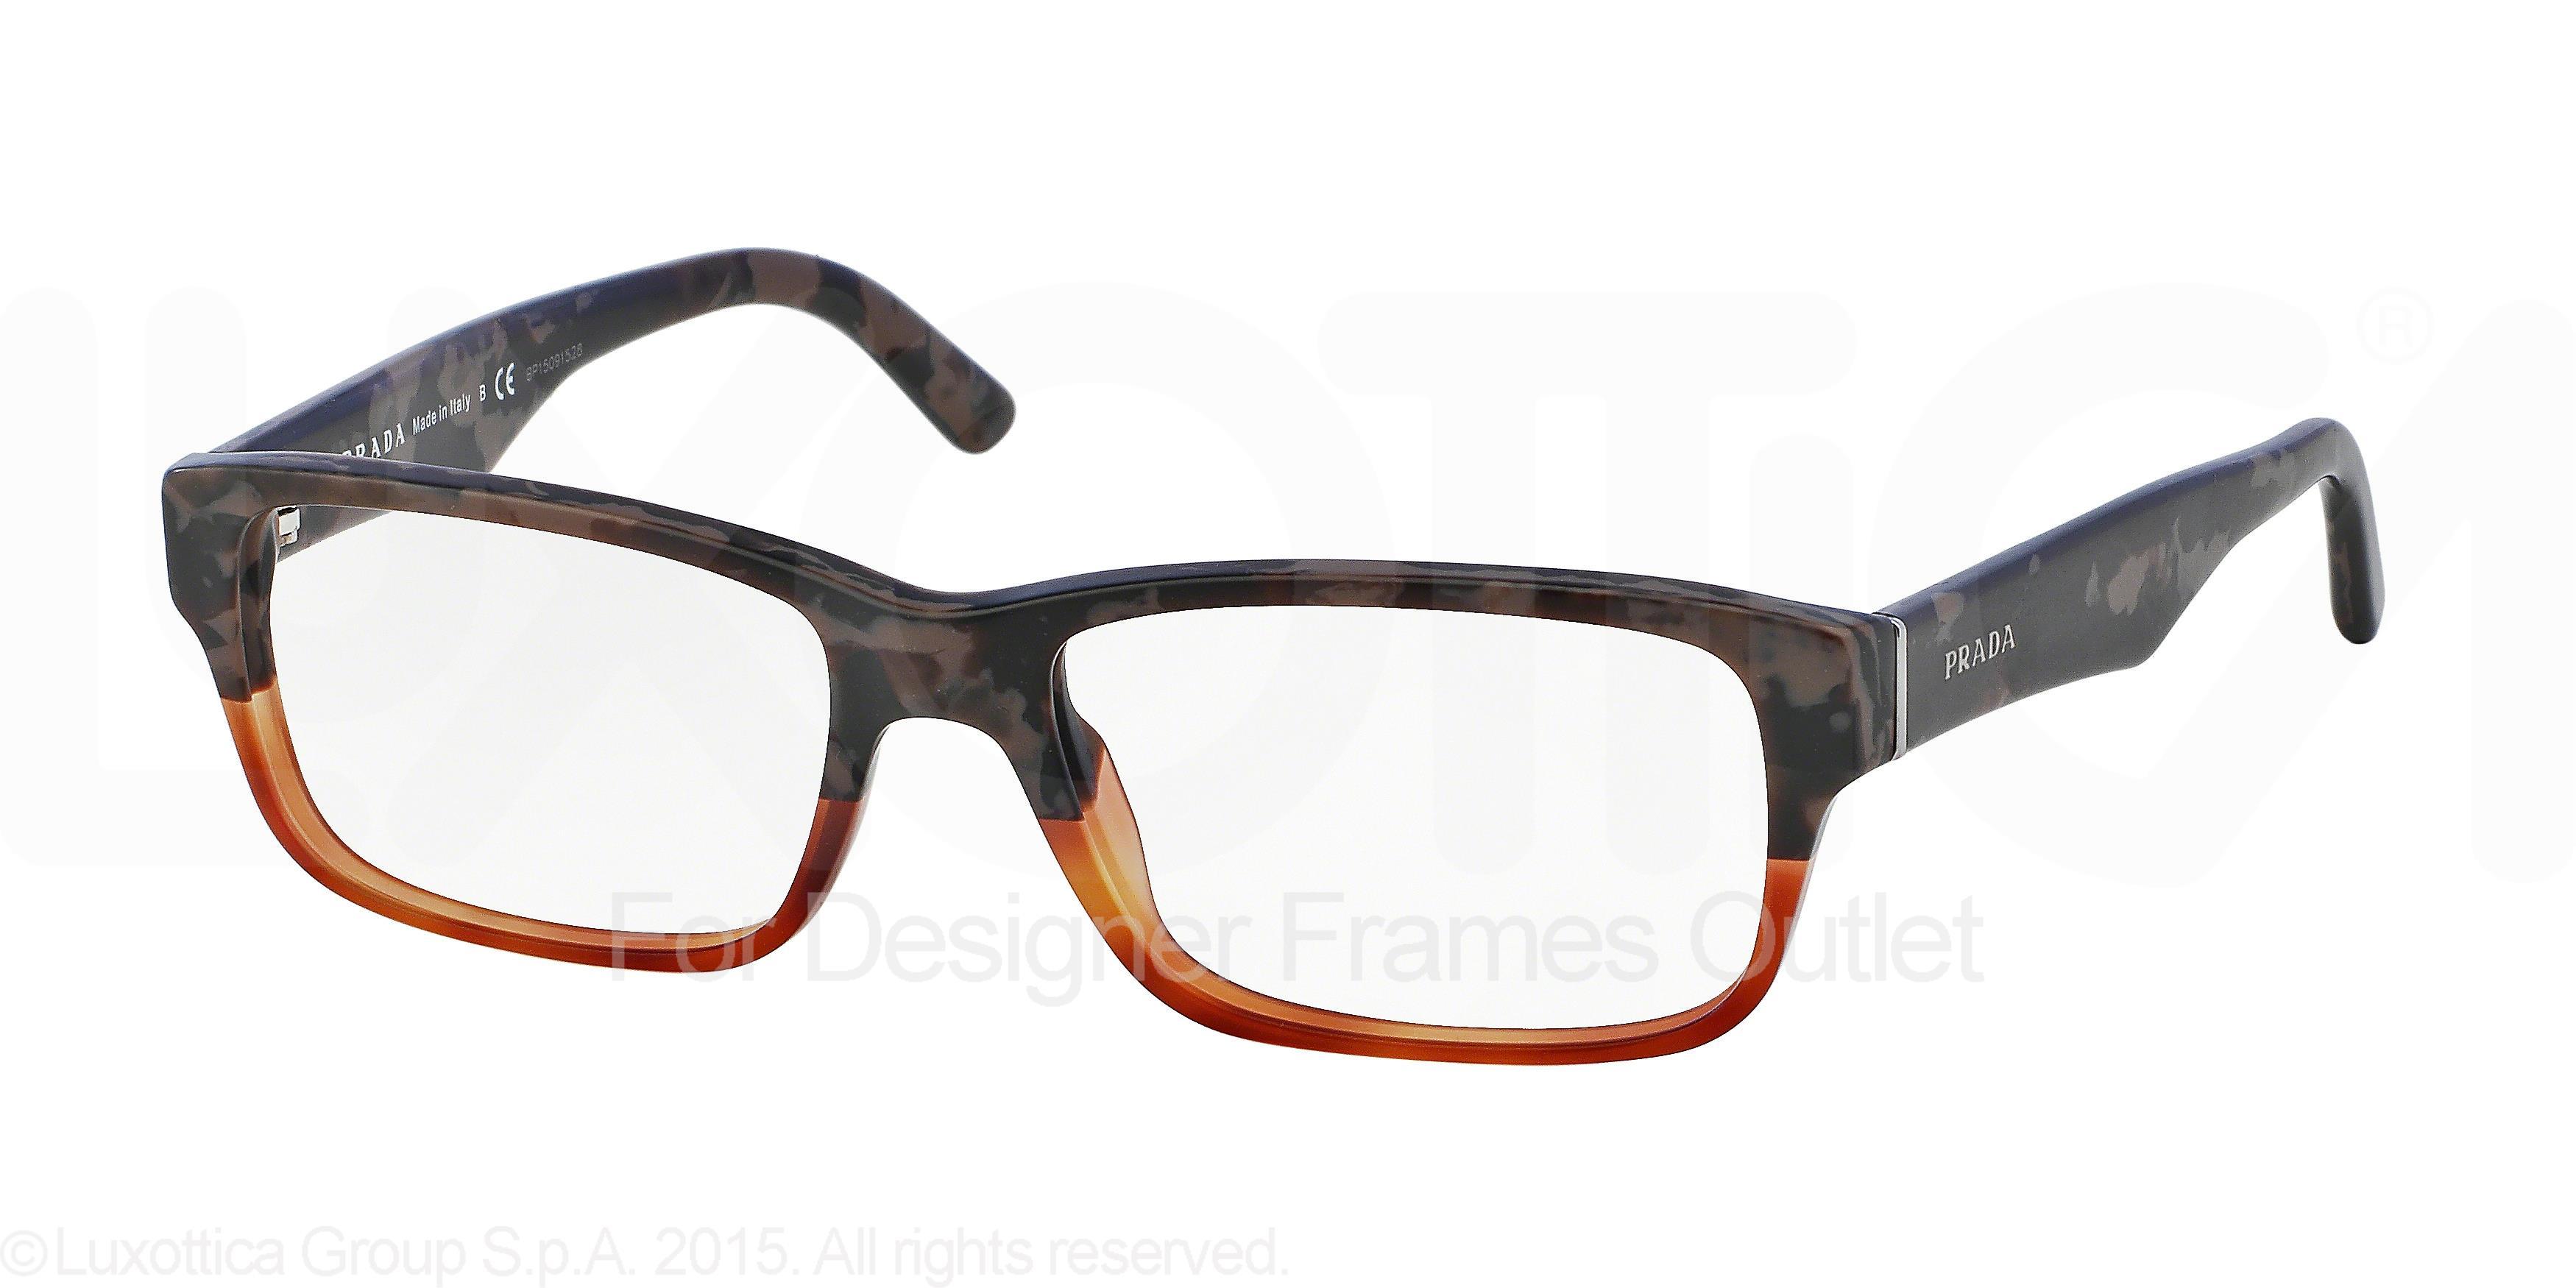 designer frames outlet prada pr16mv